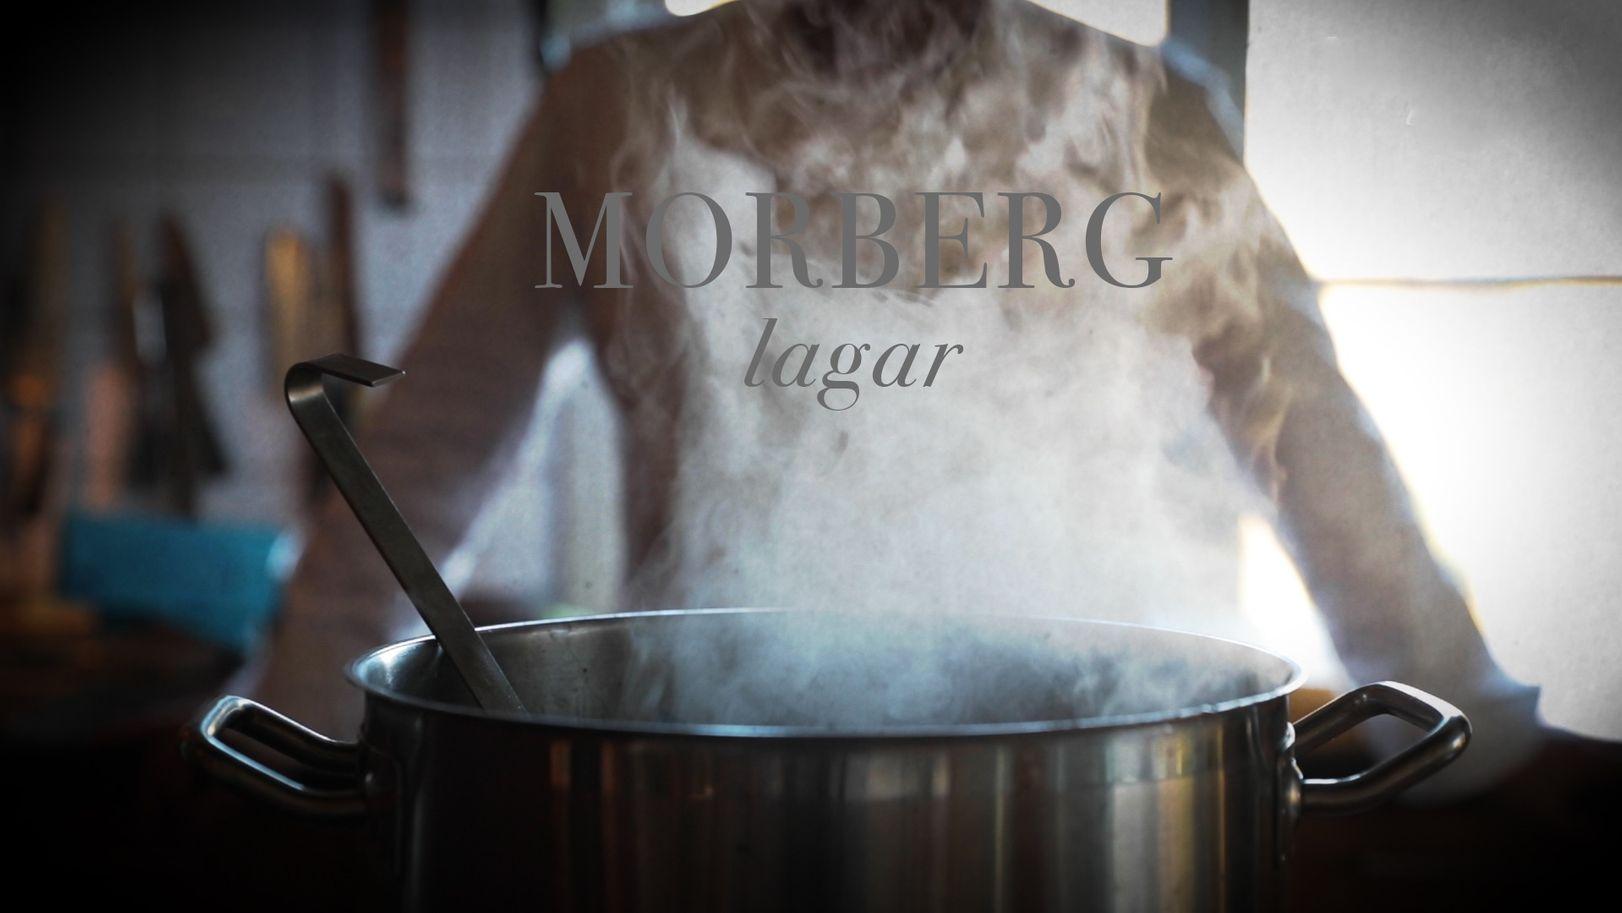 Moberg lagar ett av våra tips på bra matprogram att streama.